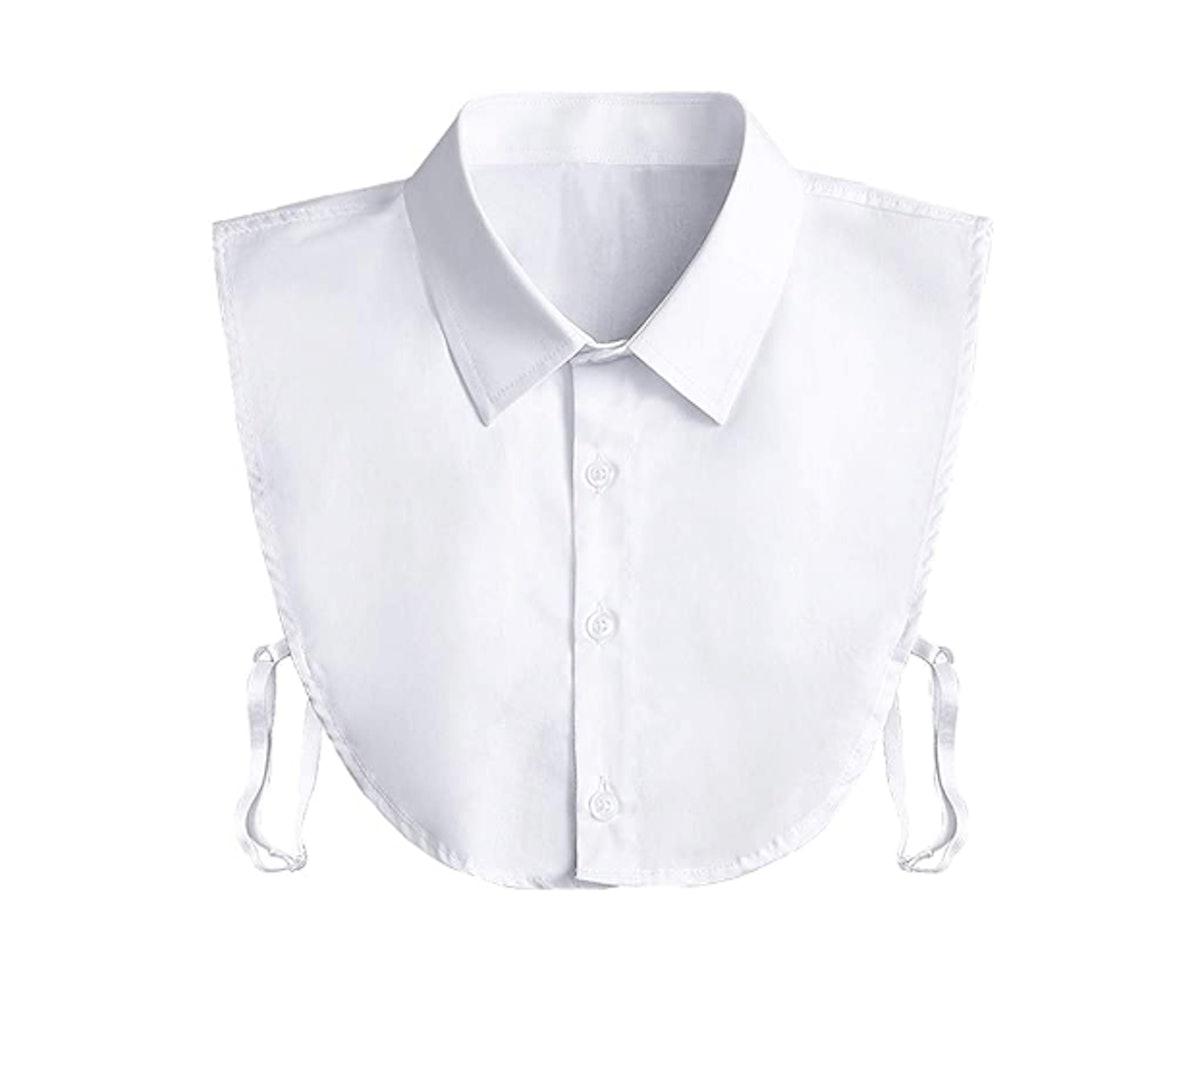 Kalkehay Detachable Dickey Collar Blouse